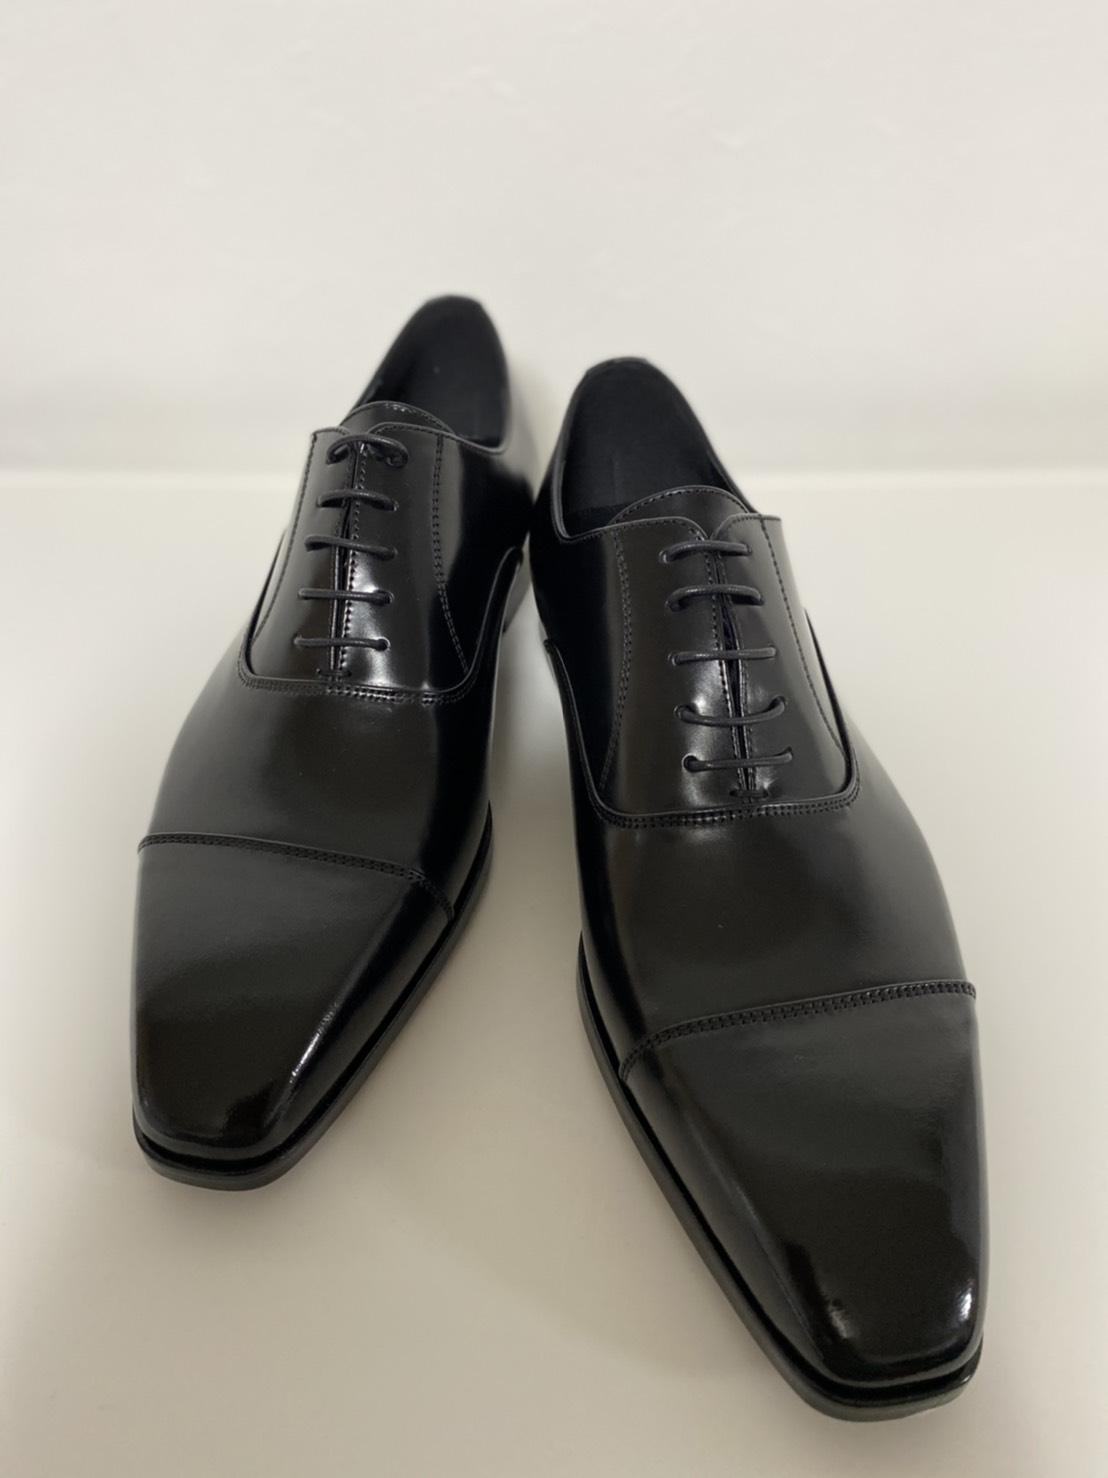 セール 6000 FRANCO 年末年始大決算 LUZI フランコルッチ 送料無料 日本製アッパー全て本革☆撥水ストレートチップビジネスシューズ紳士靴 ストレートチップ 数量限定 F6000 ビジネスシューズ☆日本製本革紳士靴